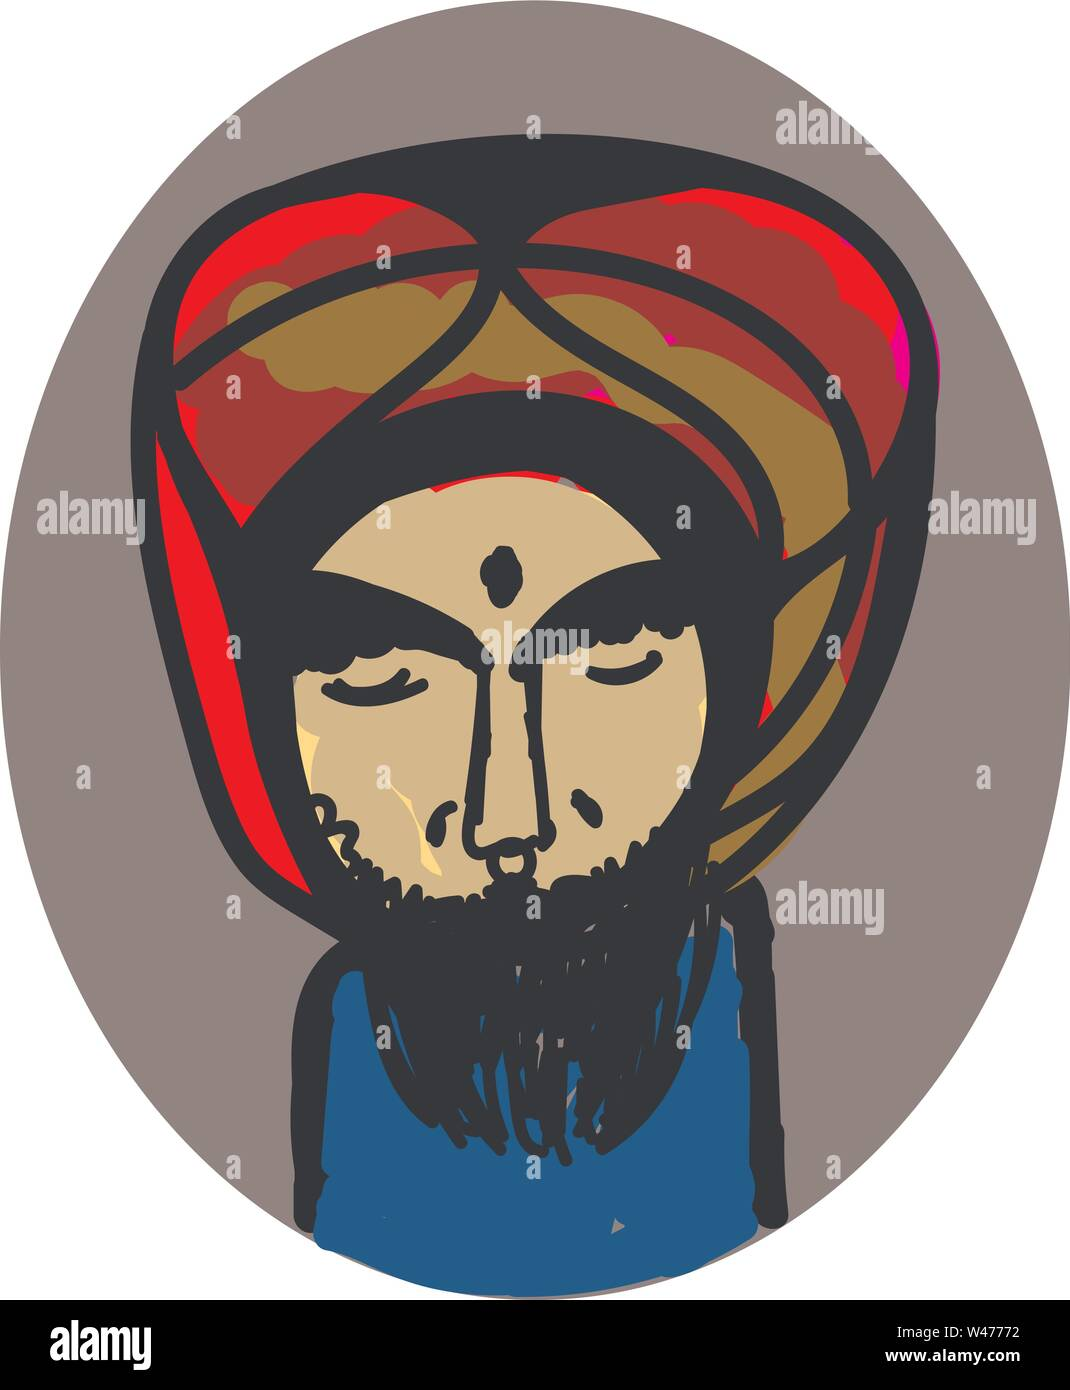 Guy indien, illustration, vecteur sur fond blanc. Photo Stock